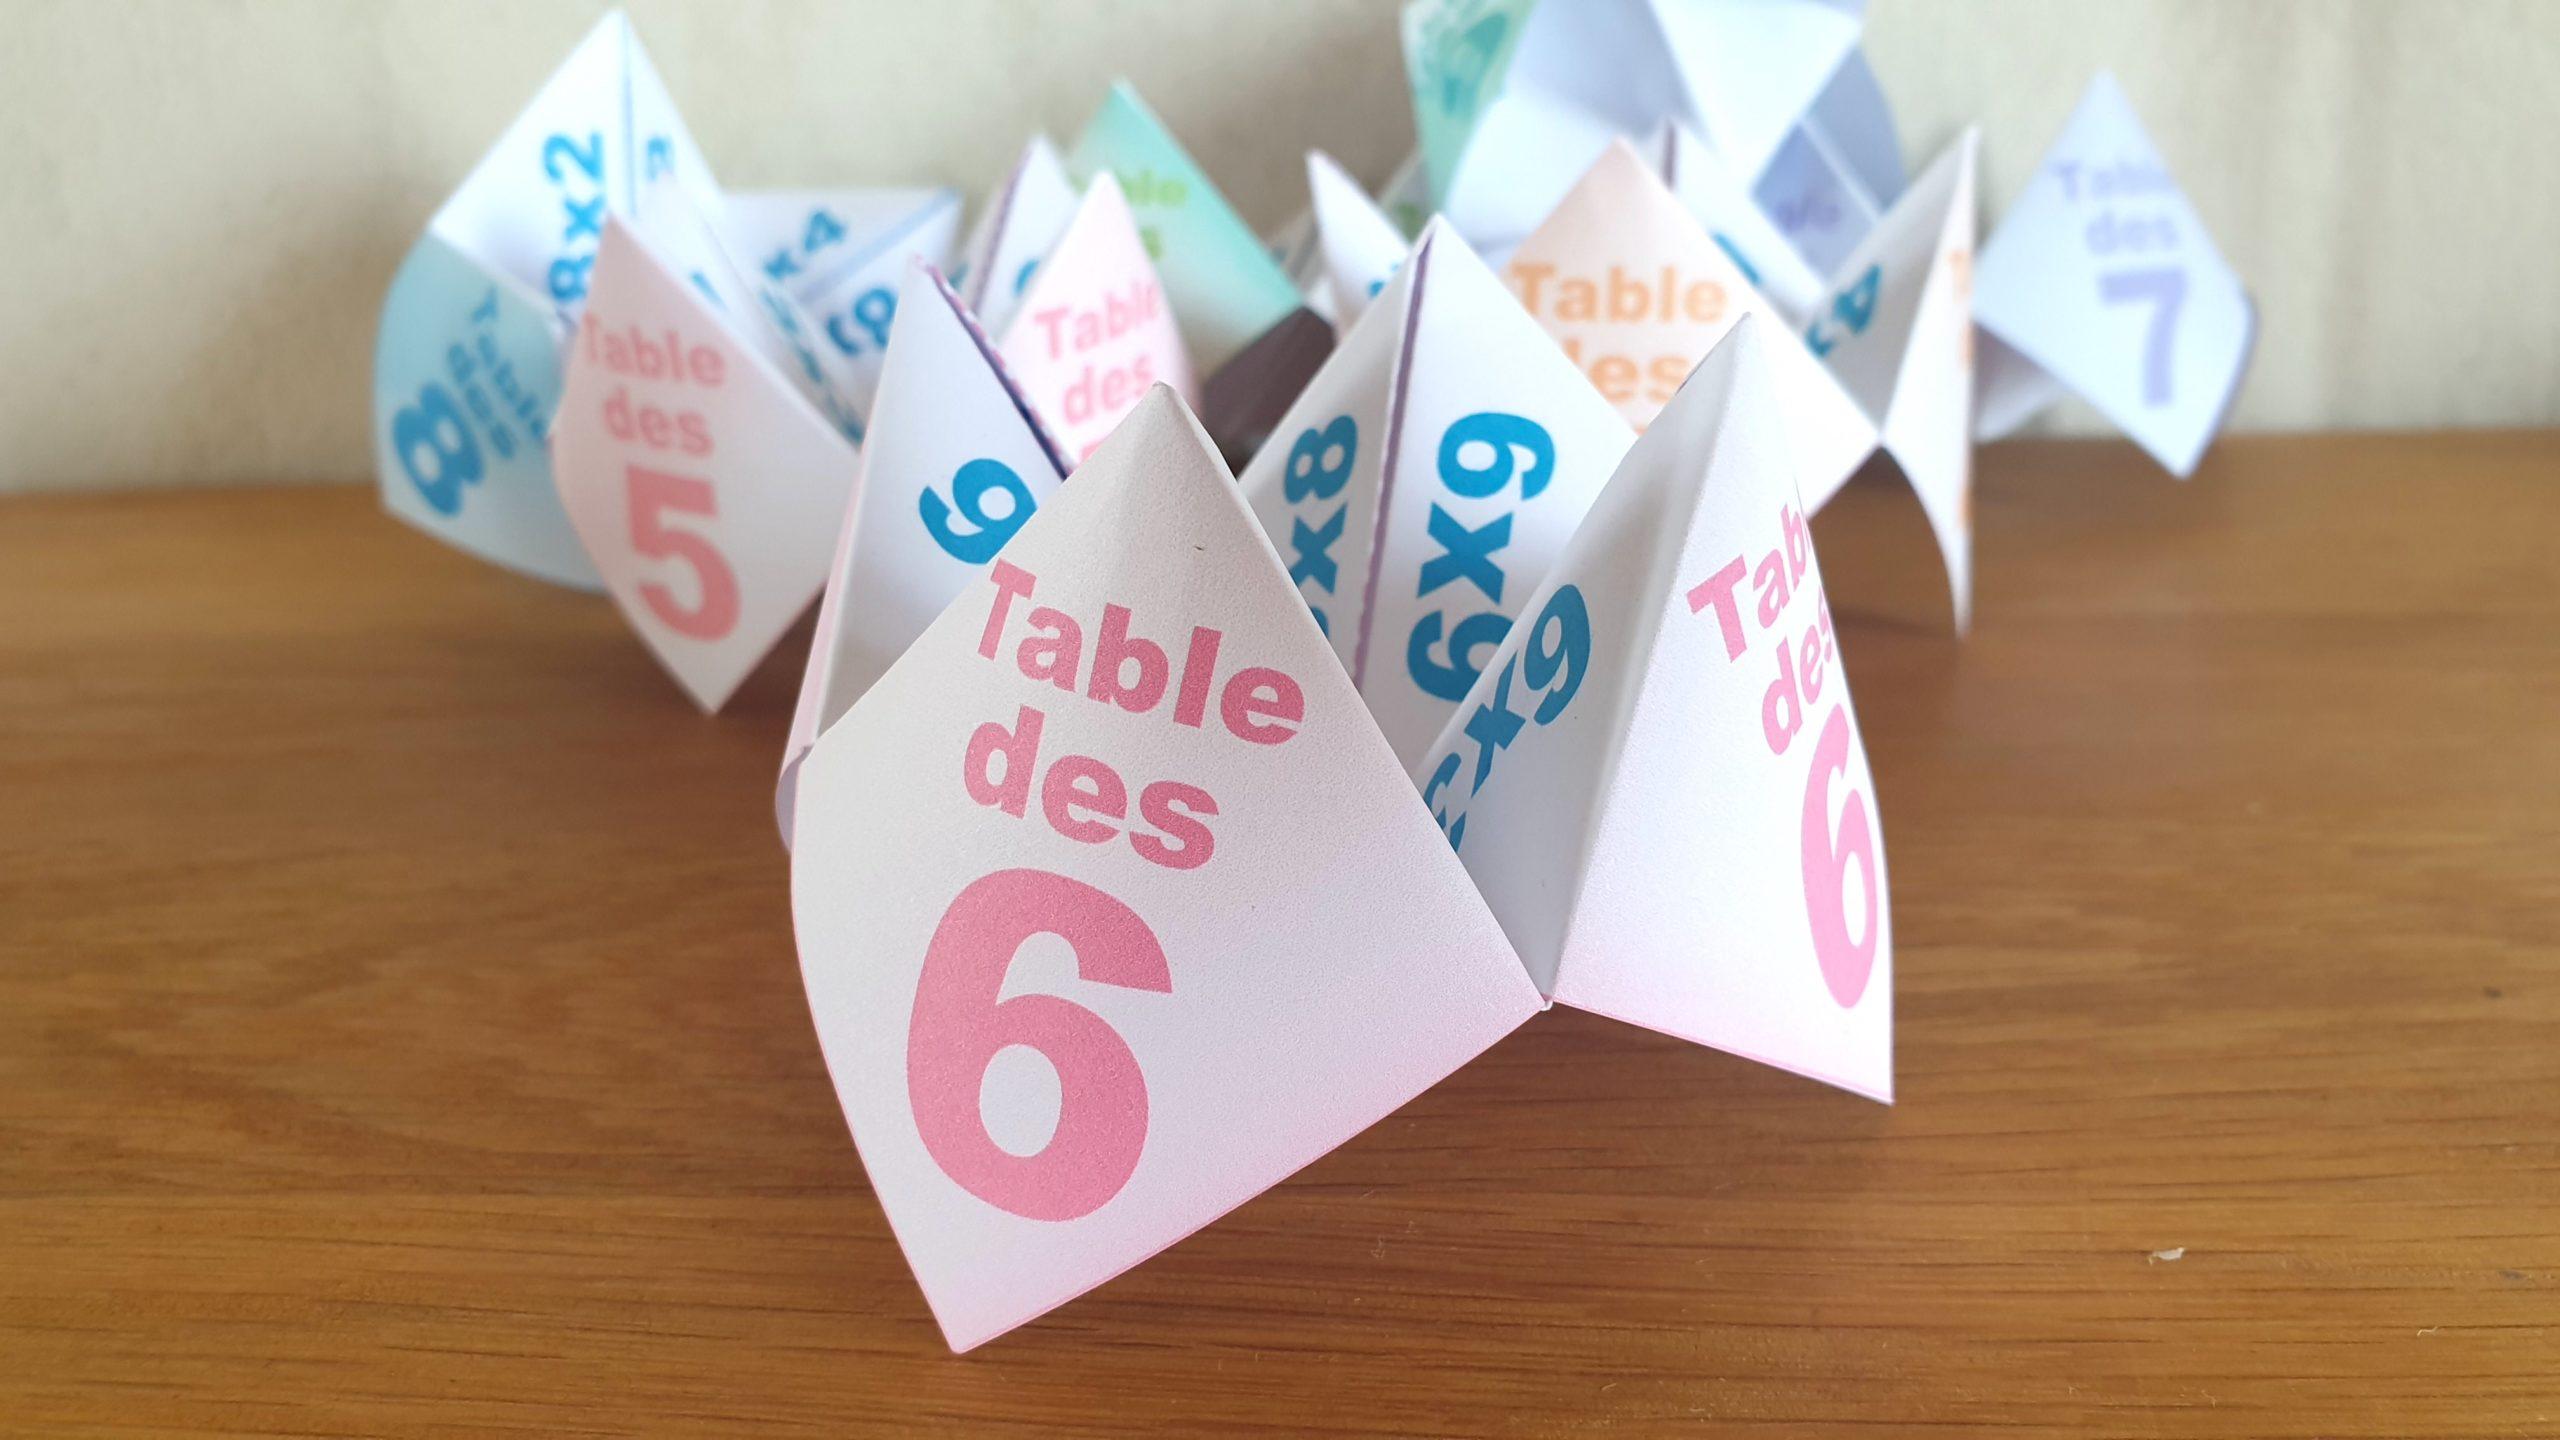 COCOTTE EN PAPIER: TABLE DES 6 (APPRENDRE LES MULTIPLICATIONS)